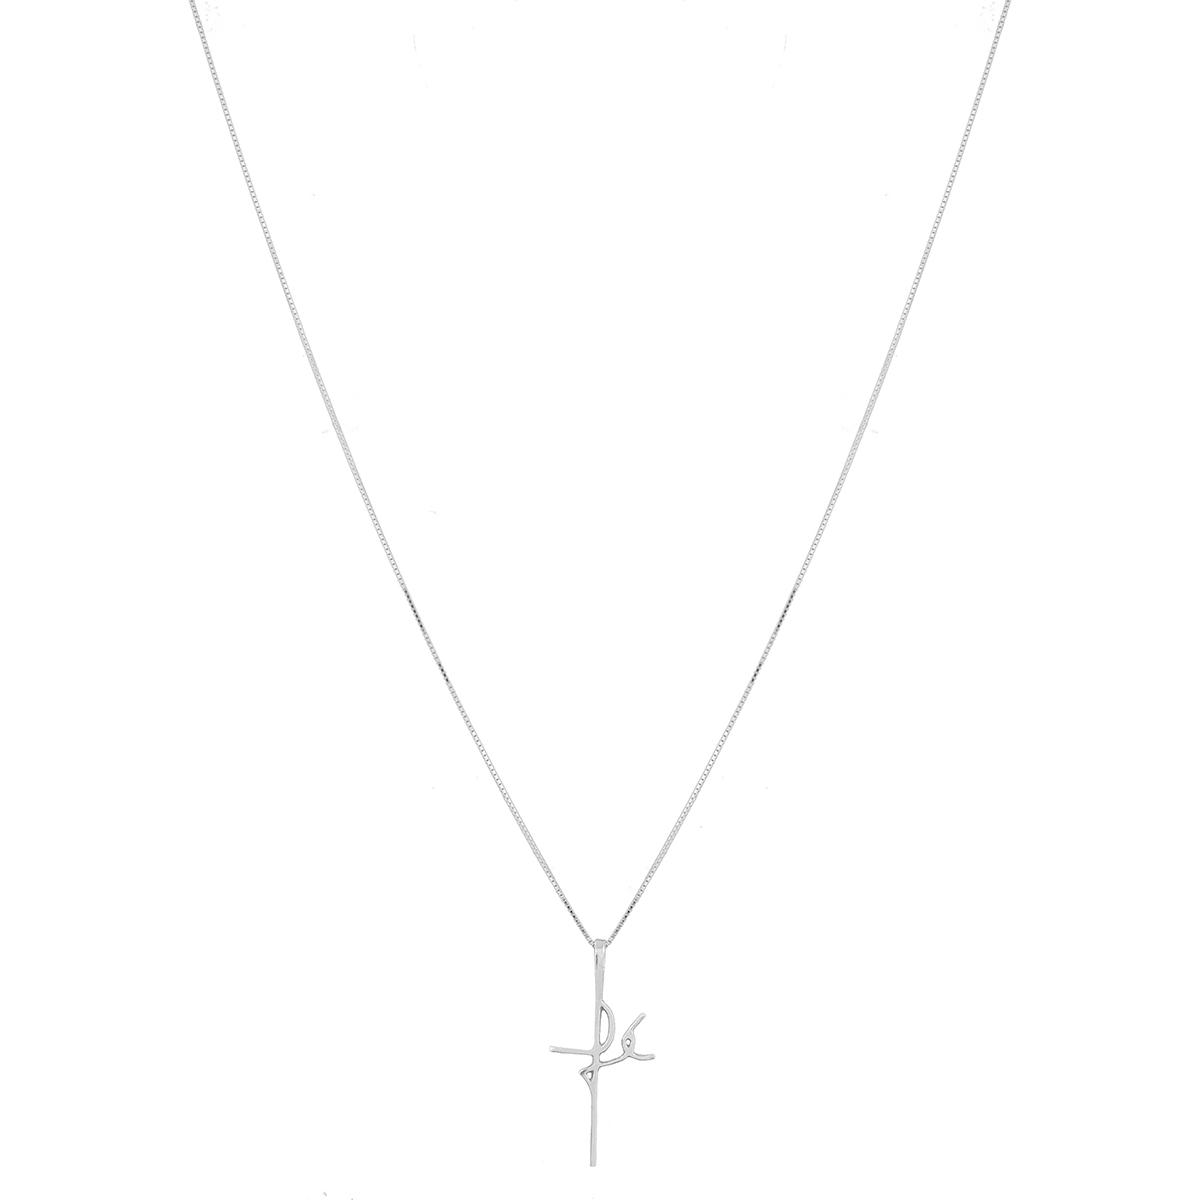 Corrente Colar Cordão de Prata Veneziana 60cm com Pingente Fé Manuscrito Prata 925